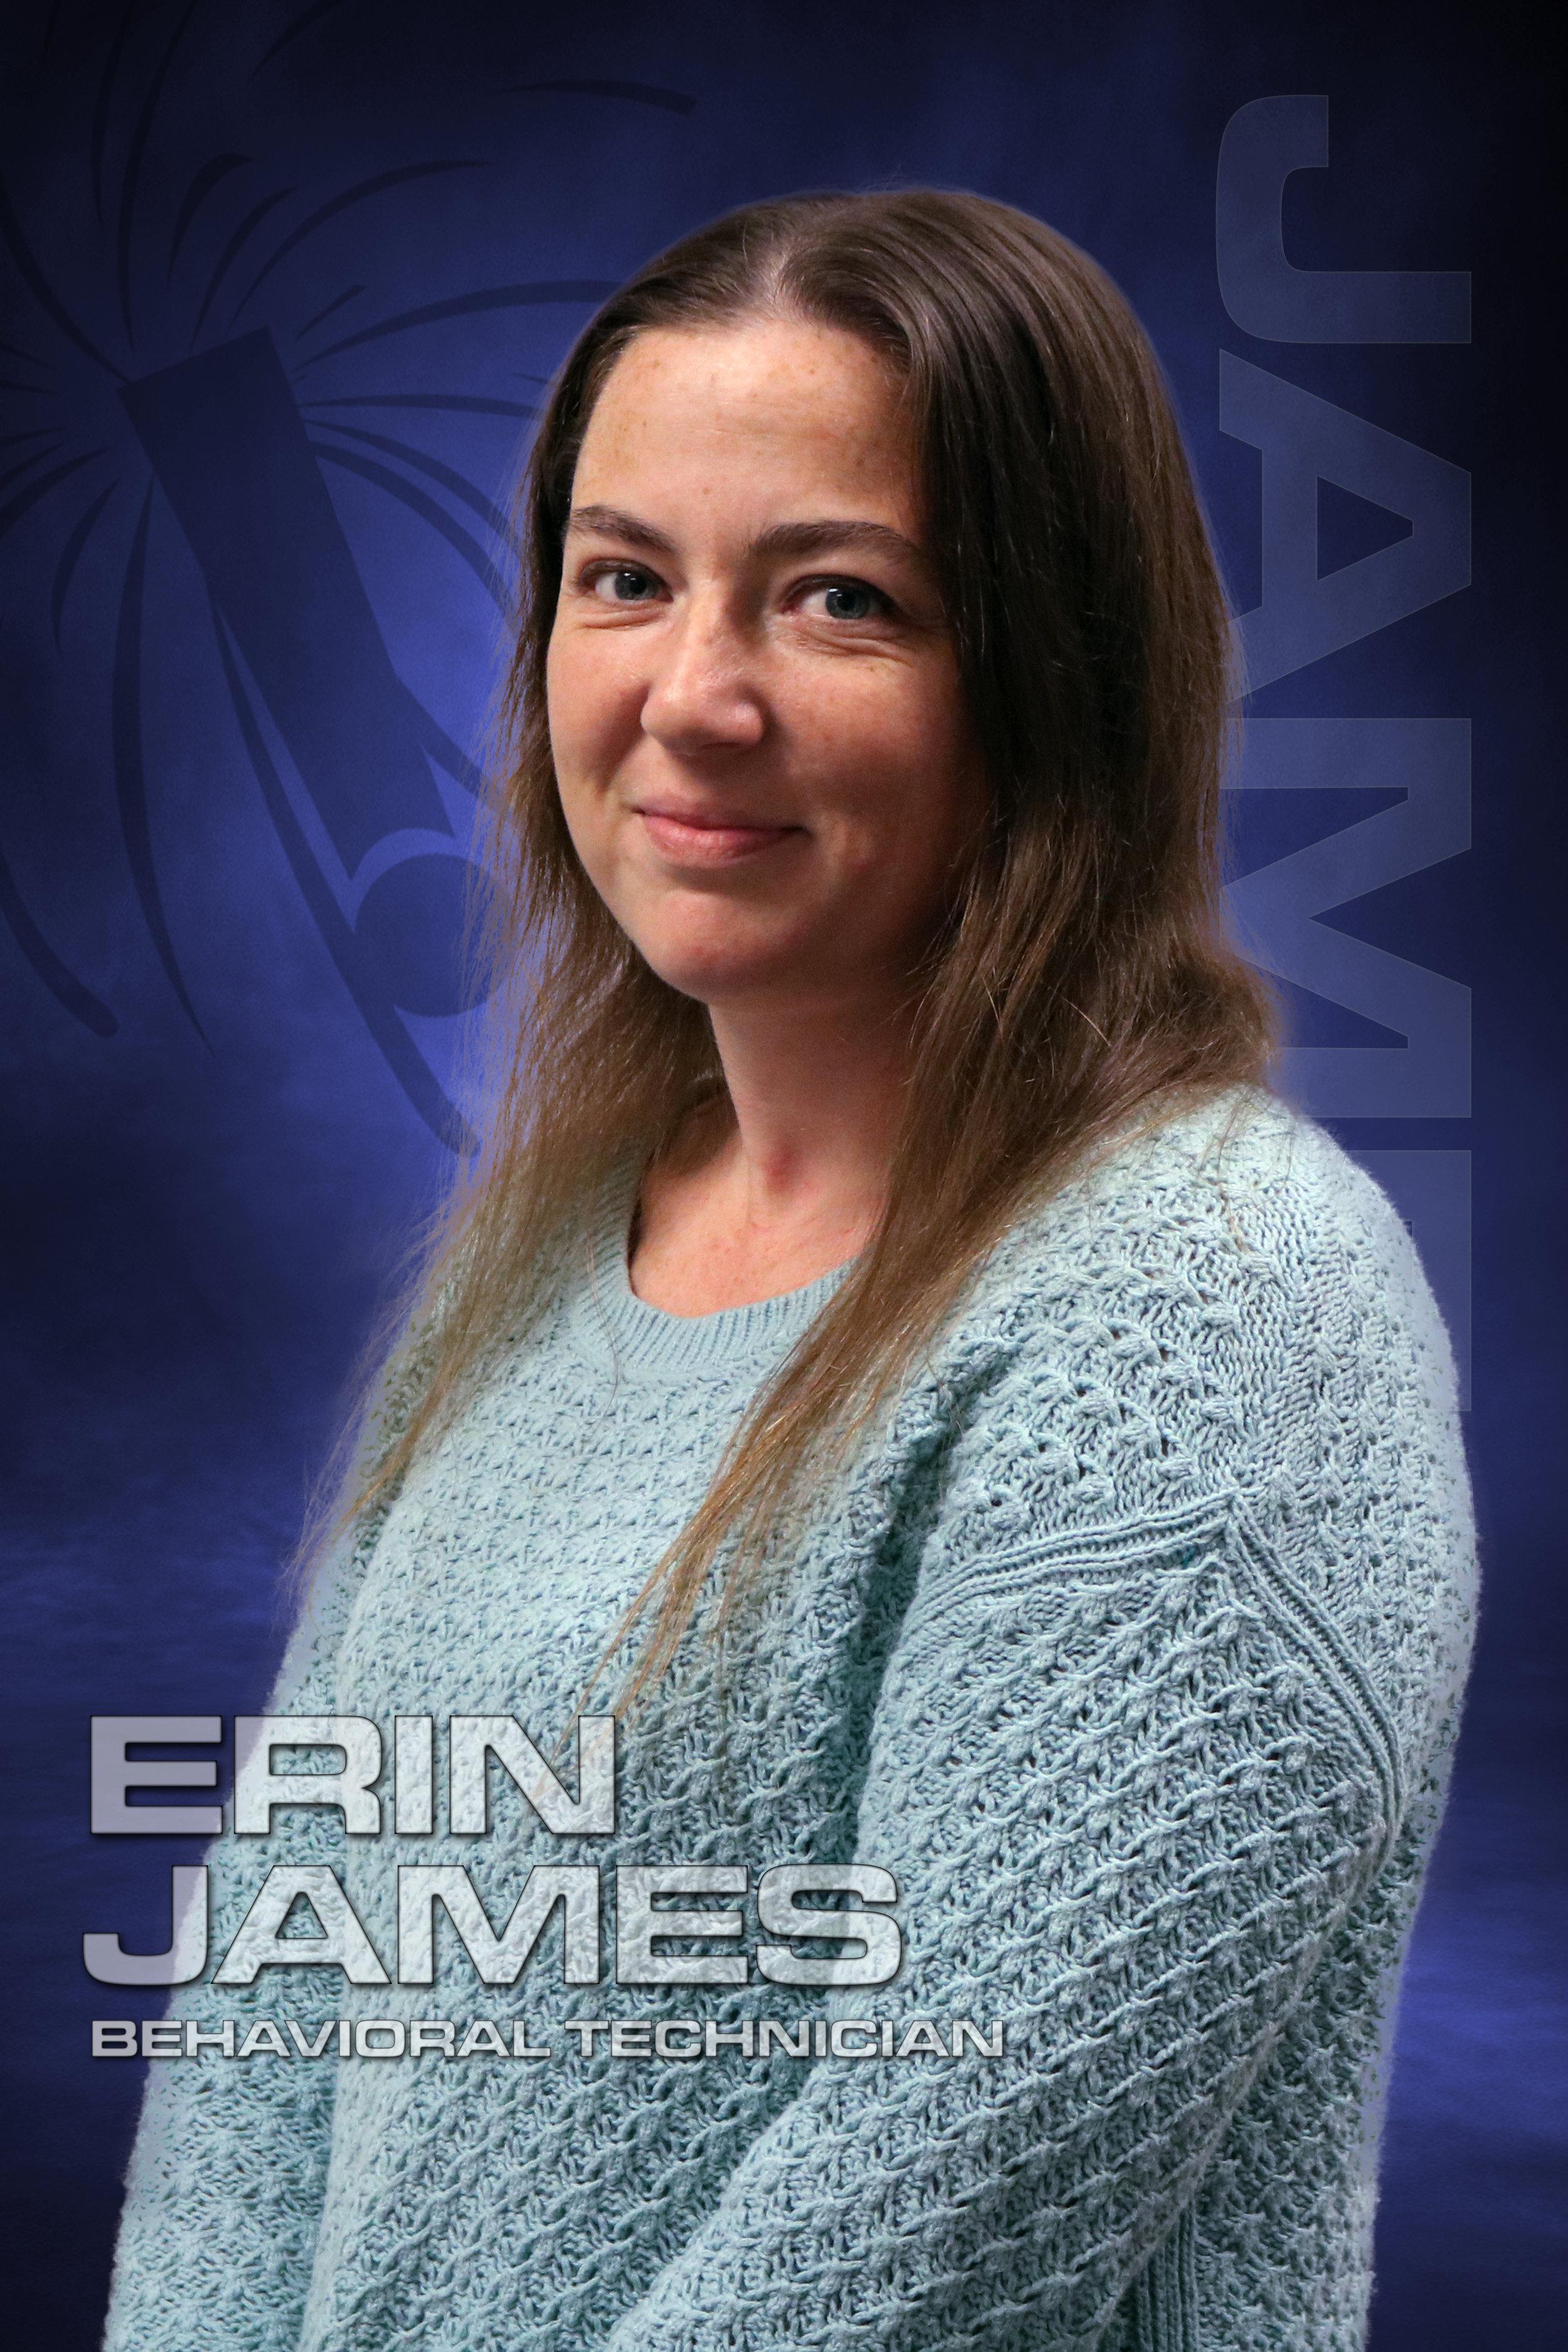 Erin J..jpg